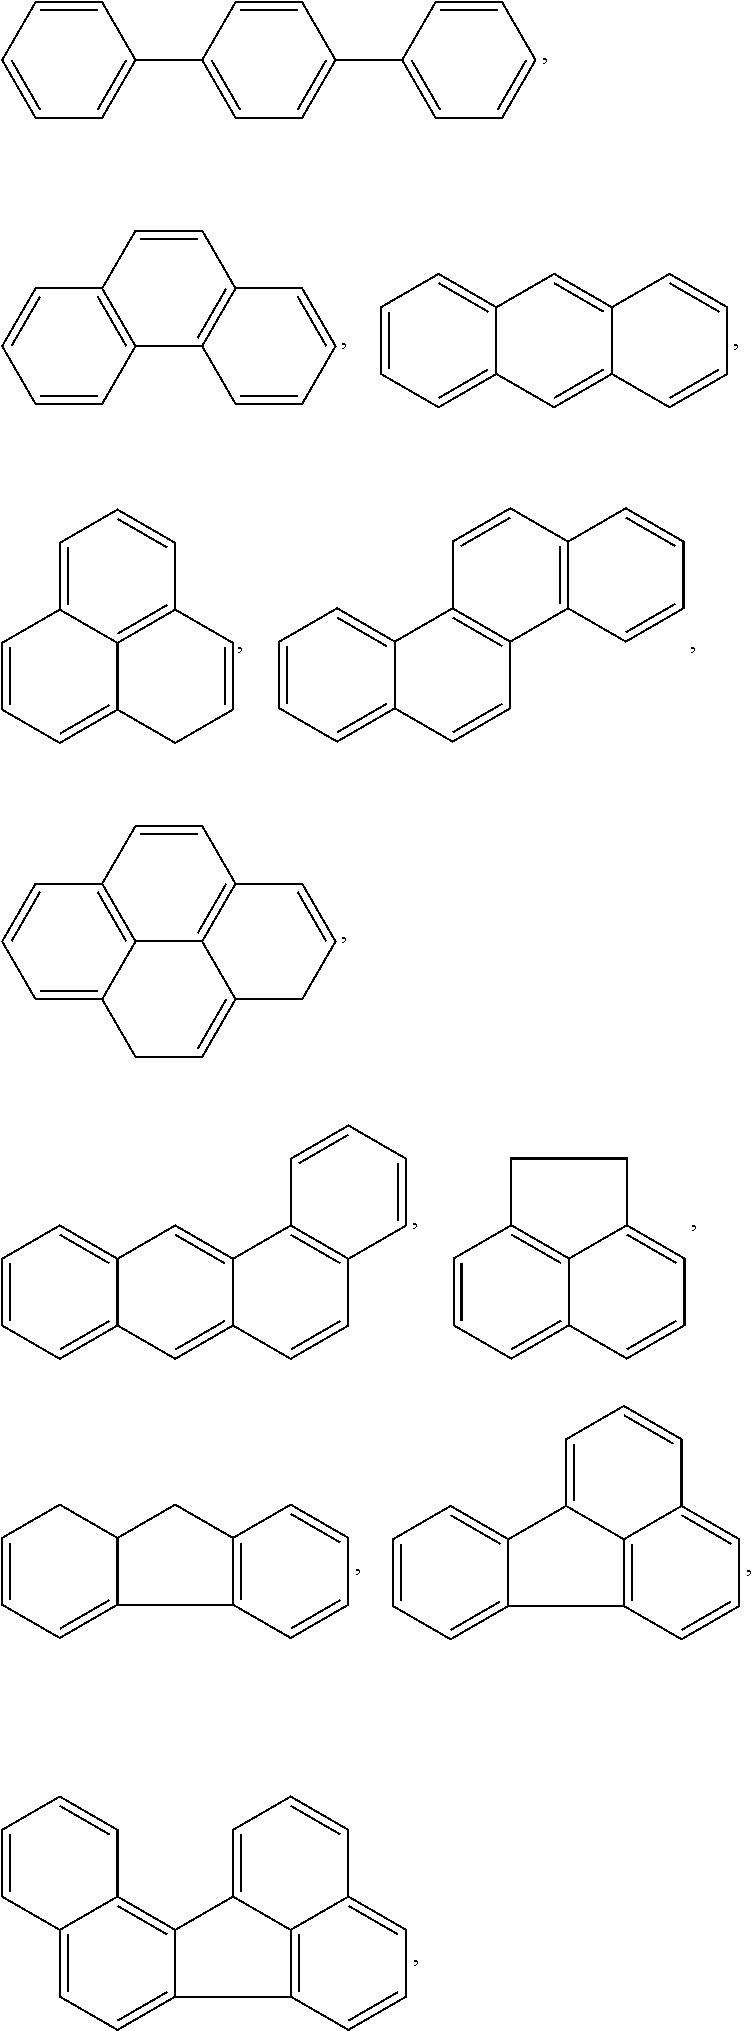 Figure US20110032465A1-20110210-C00001